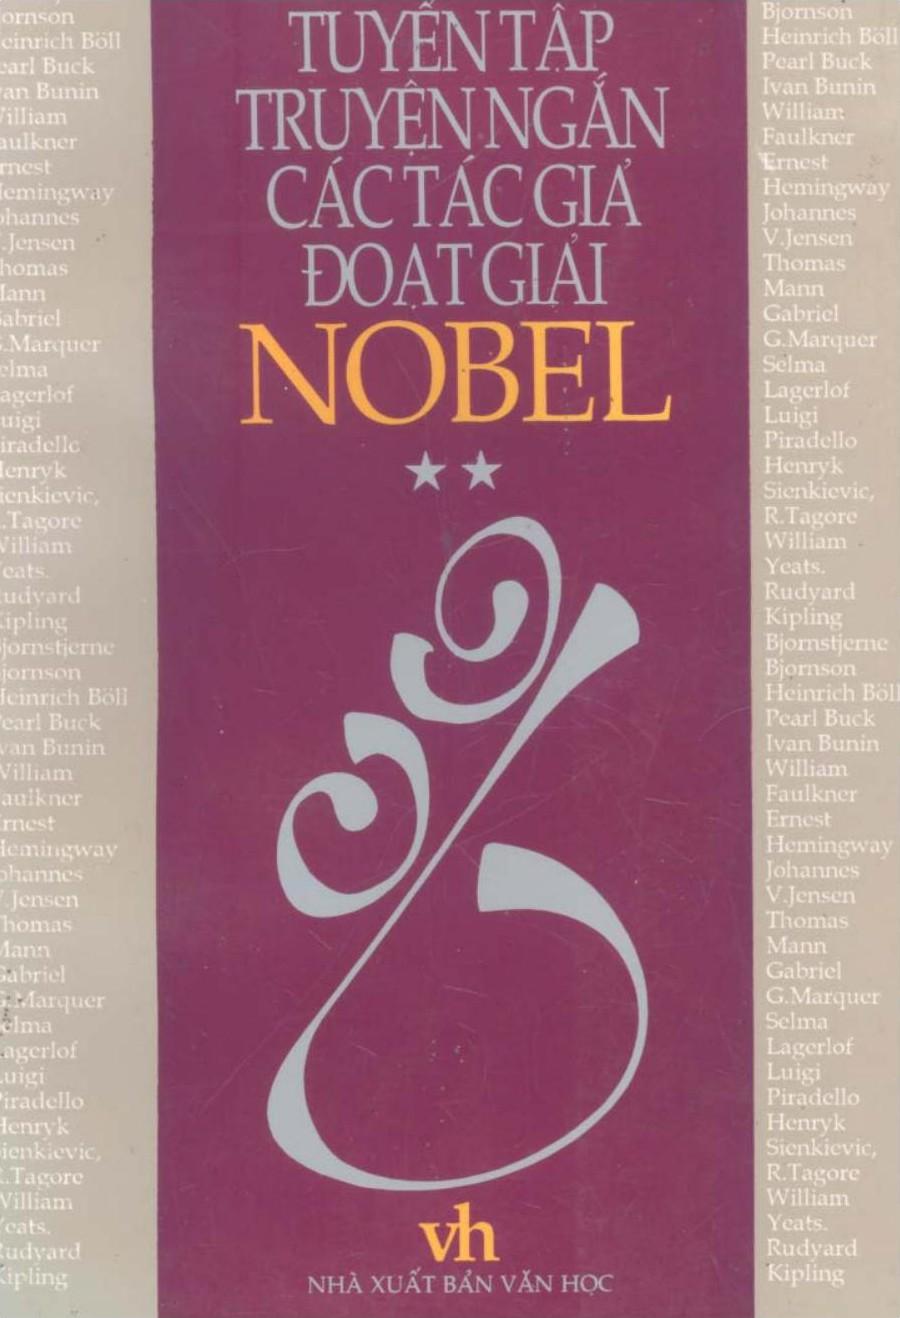 Tuyển Tập Truyện Ngắn Các Tác Giả Đoạt Giải Nobel Tập 2 - Nhiều Tác Giả